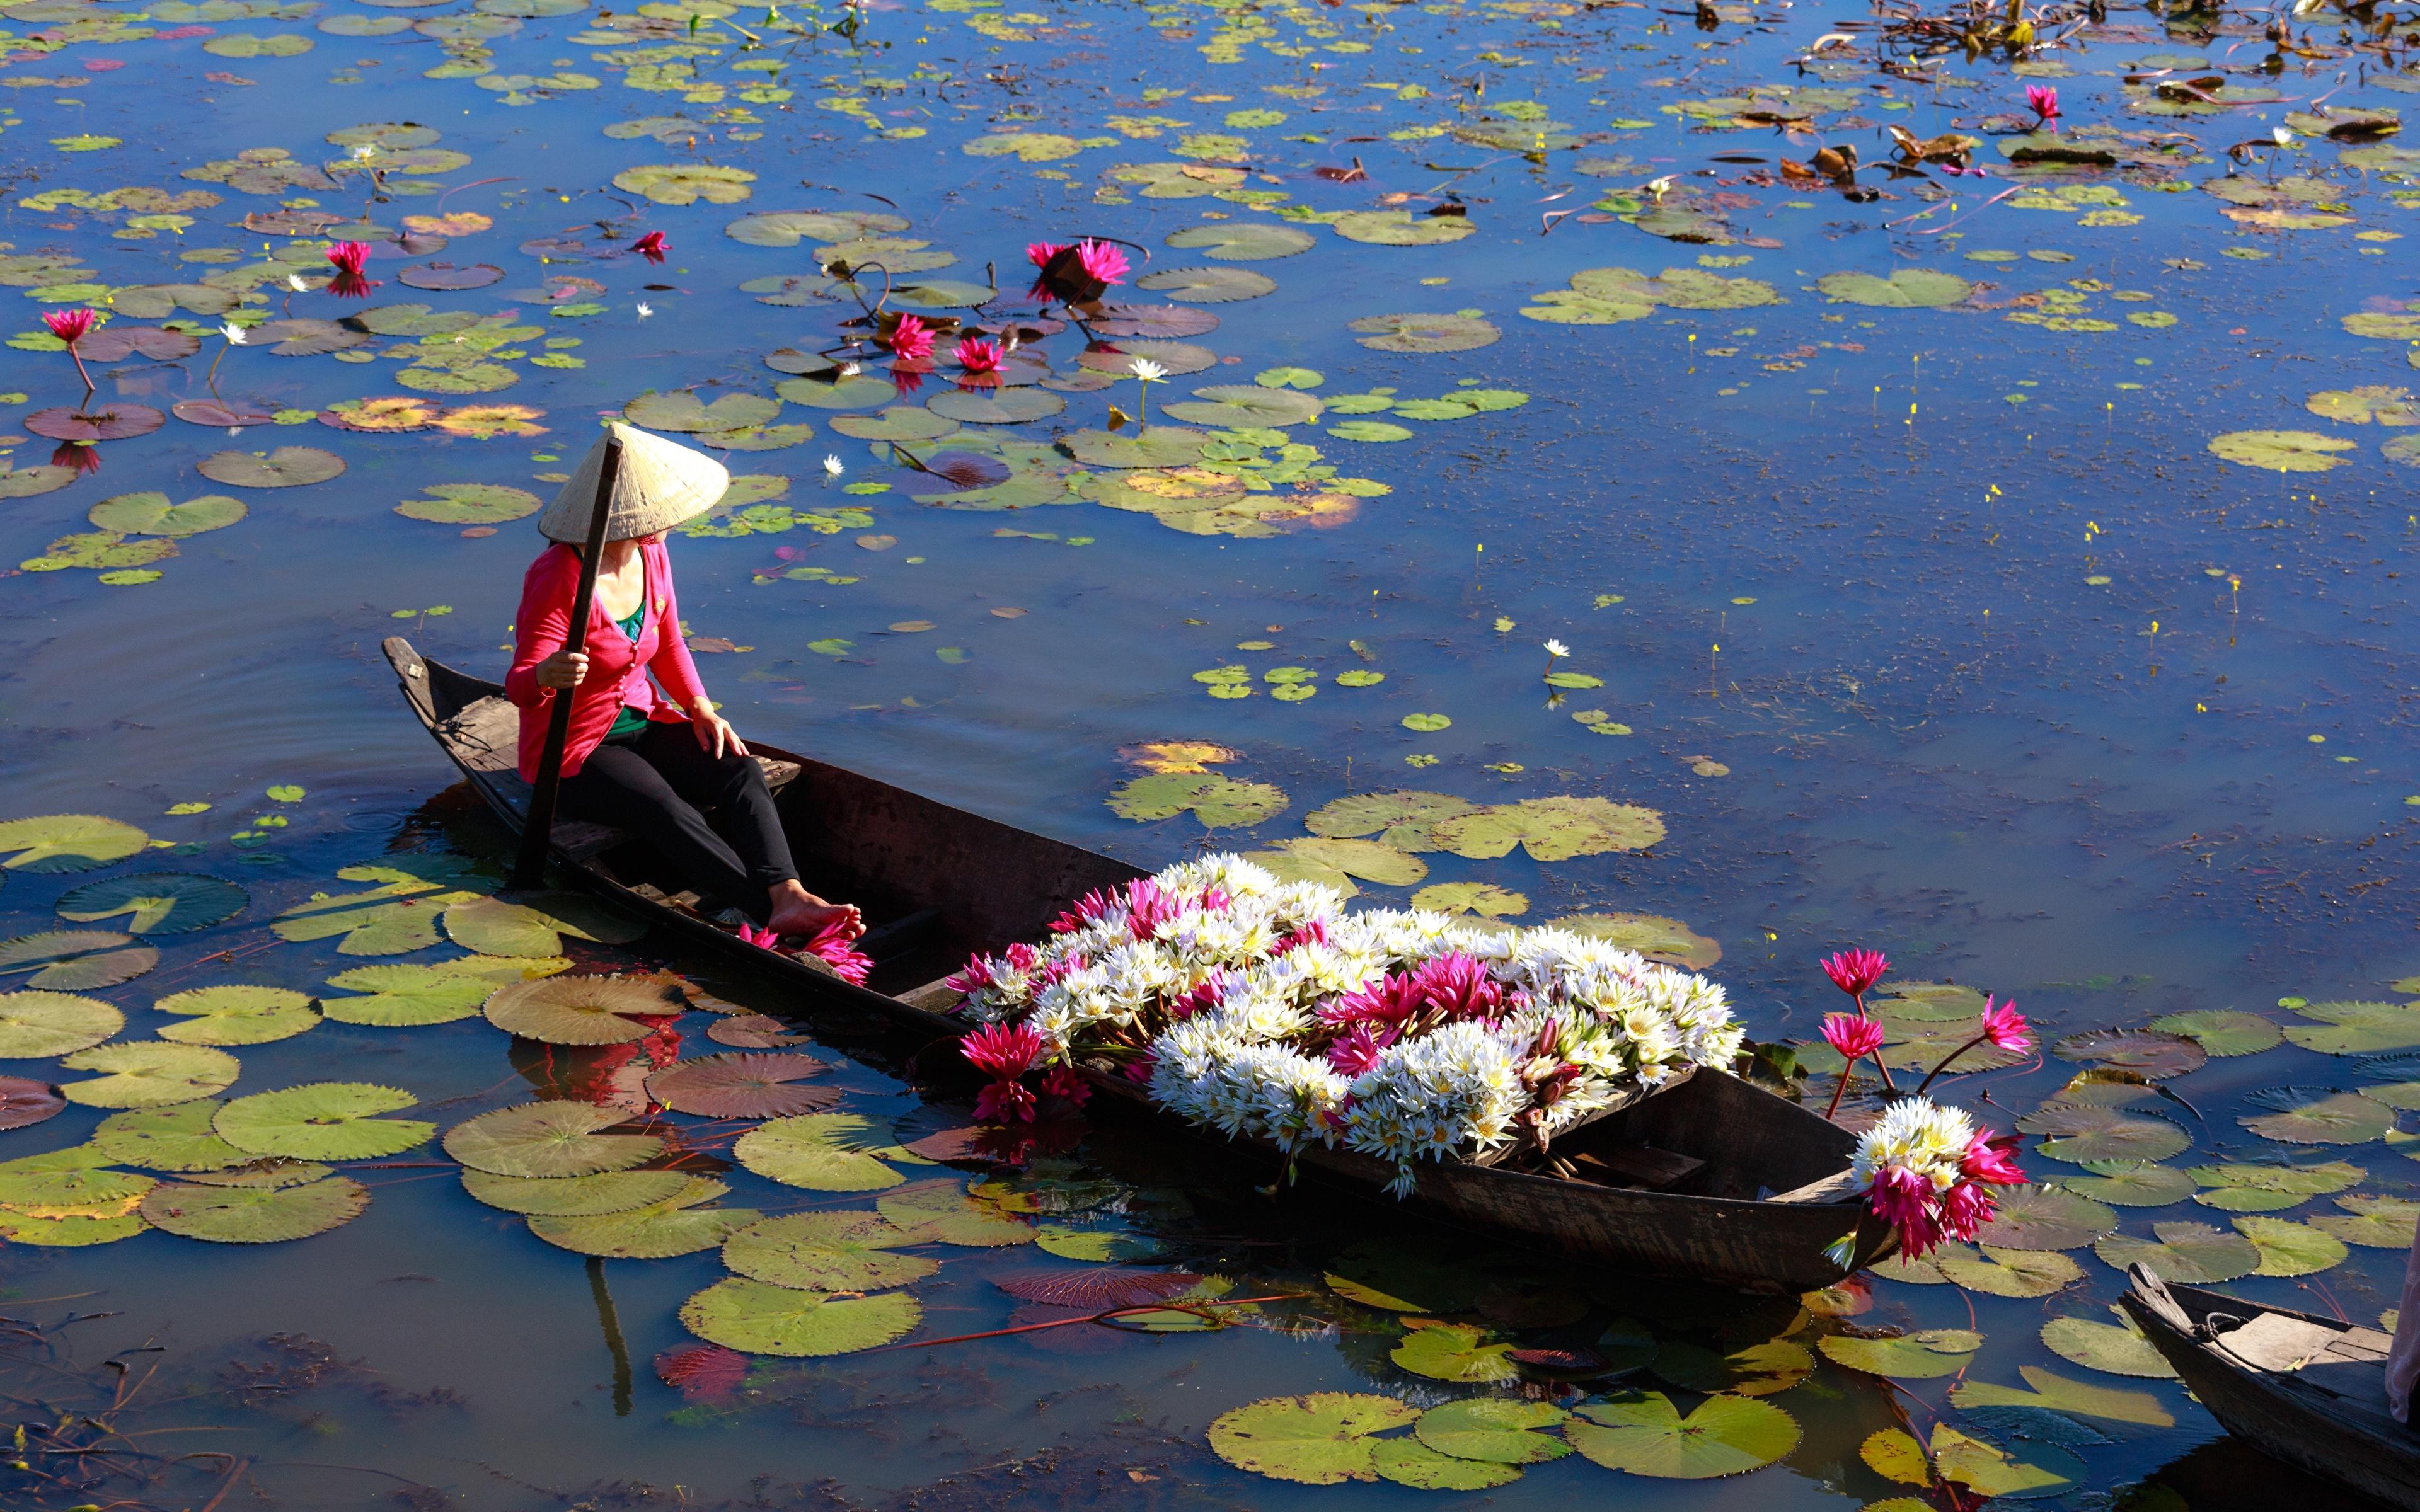 Фотография Работа шляпе Озеро Азиаты цветок Кувшинки Лодки 3840x2400 работают работает Шляпа шляпы Цветы азиатка азиатки Водяные лилии